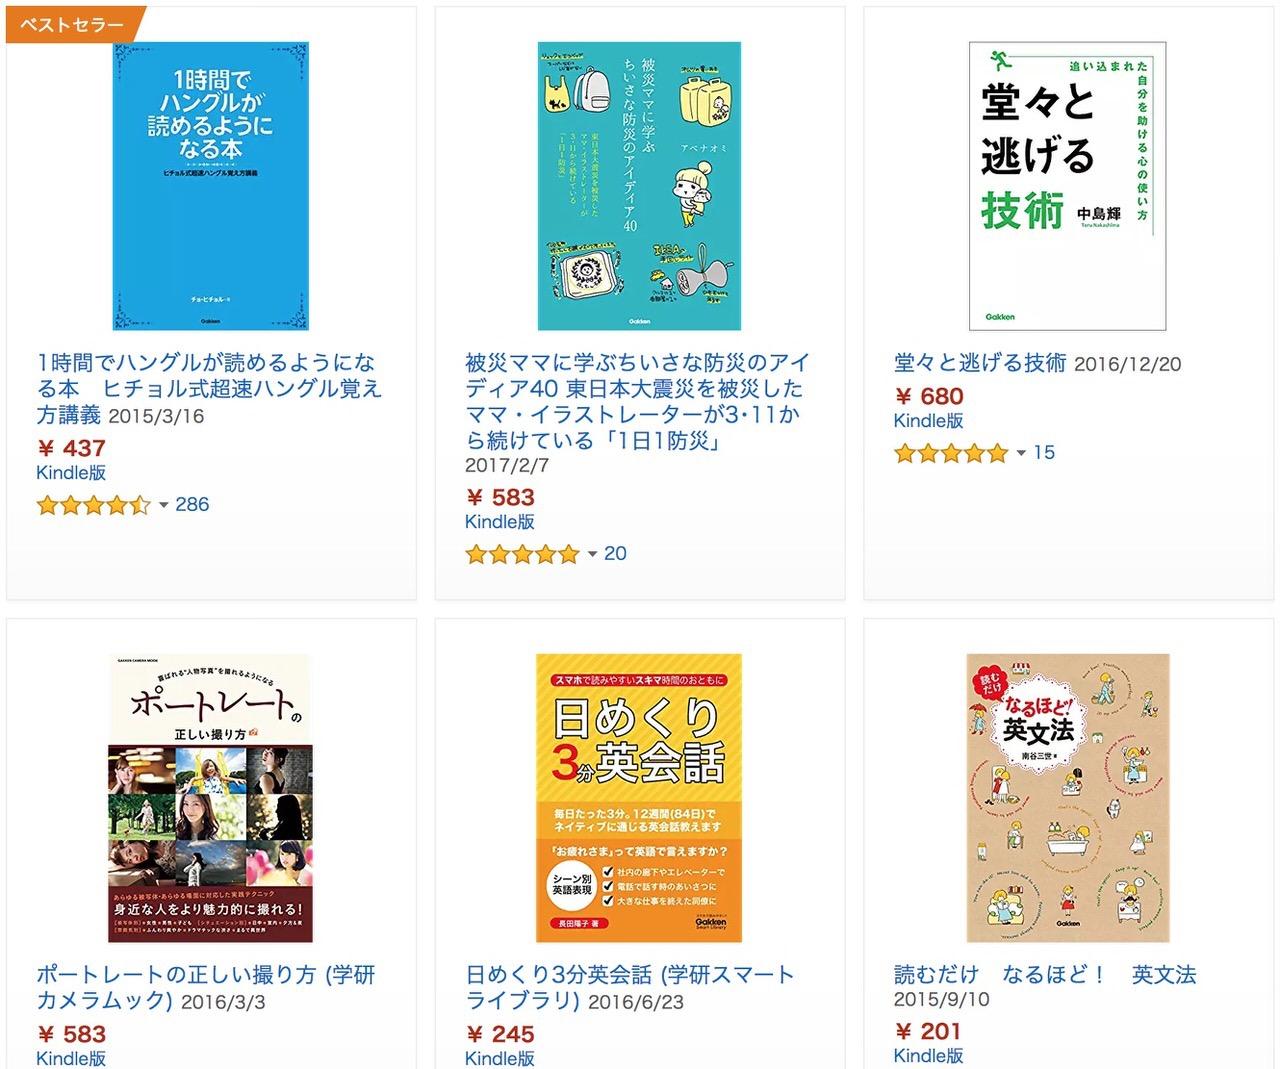 【Kindleセール】40%OFF「学研プラス 3,000点以上対象セール」(7/26まで)